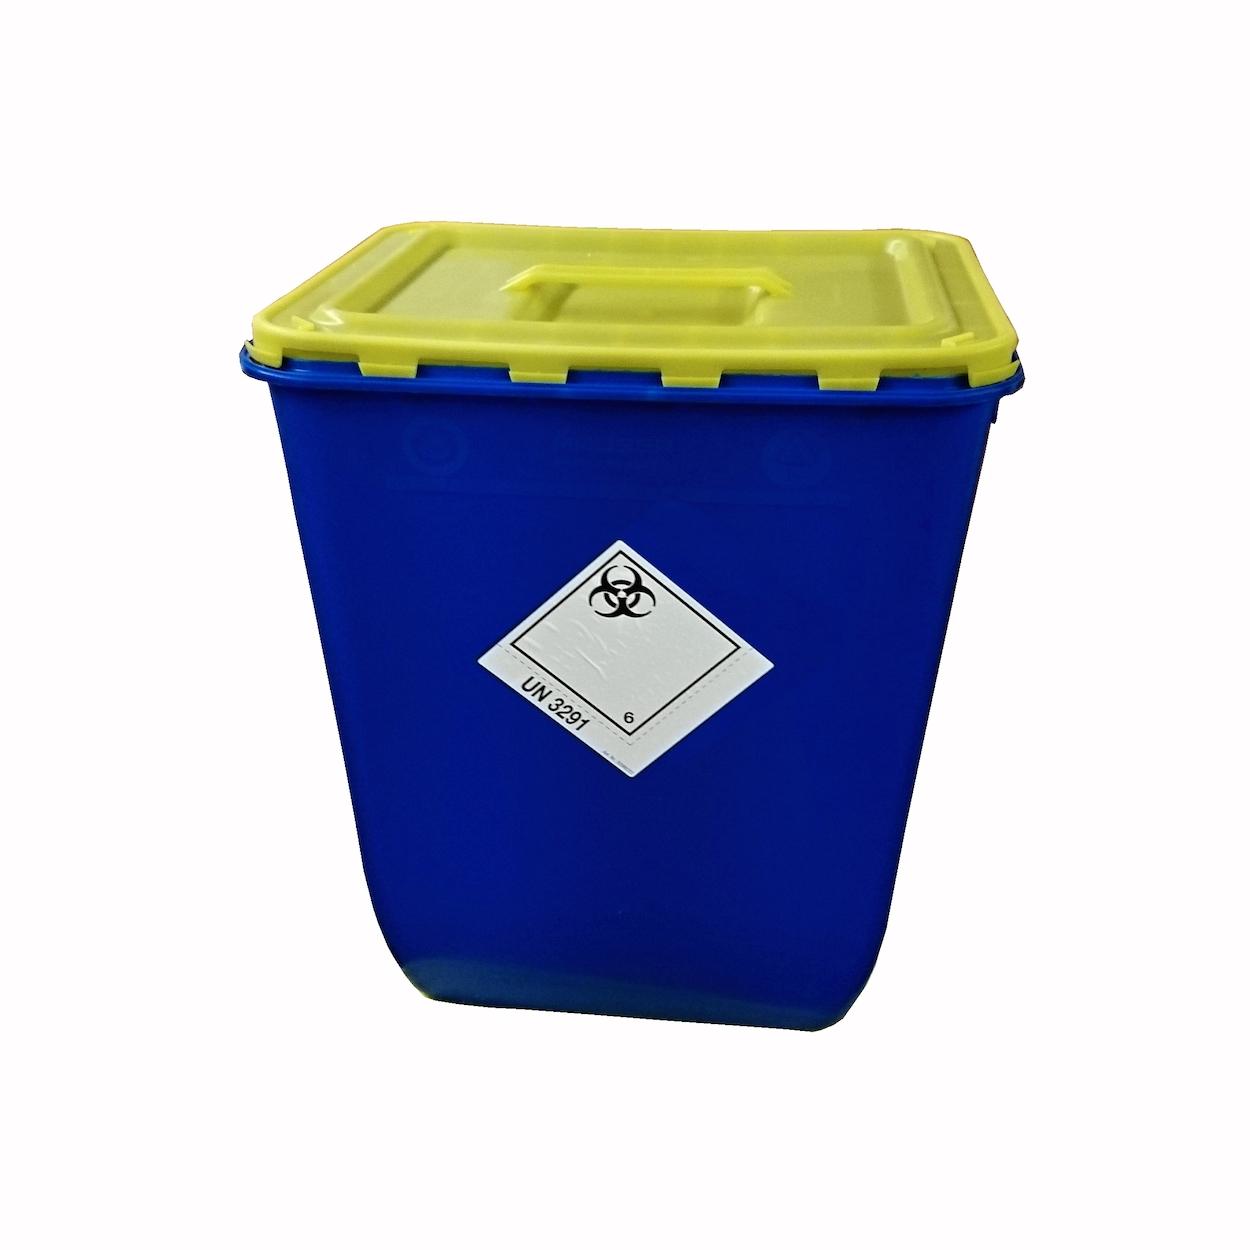 Nádoba na biologický odpad s víkem s úchopem, 50 l